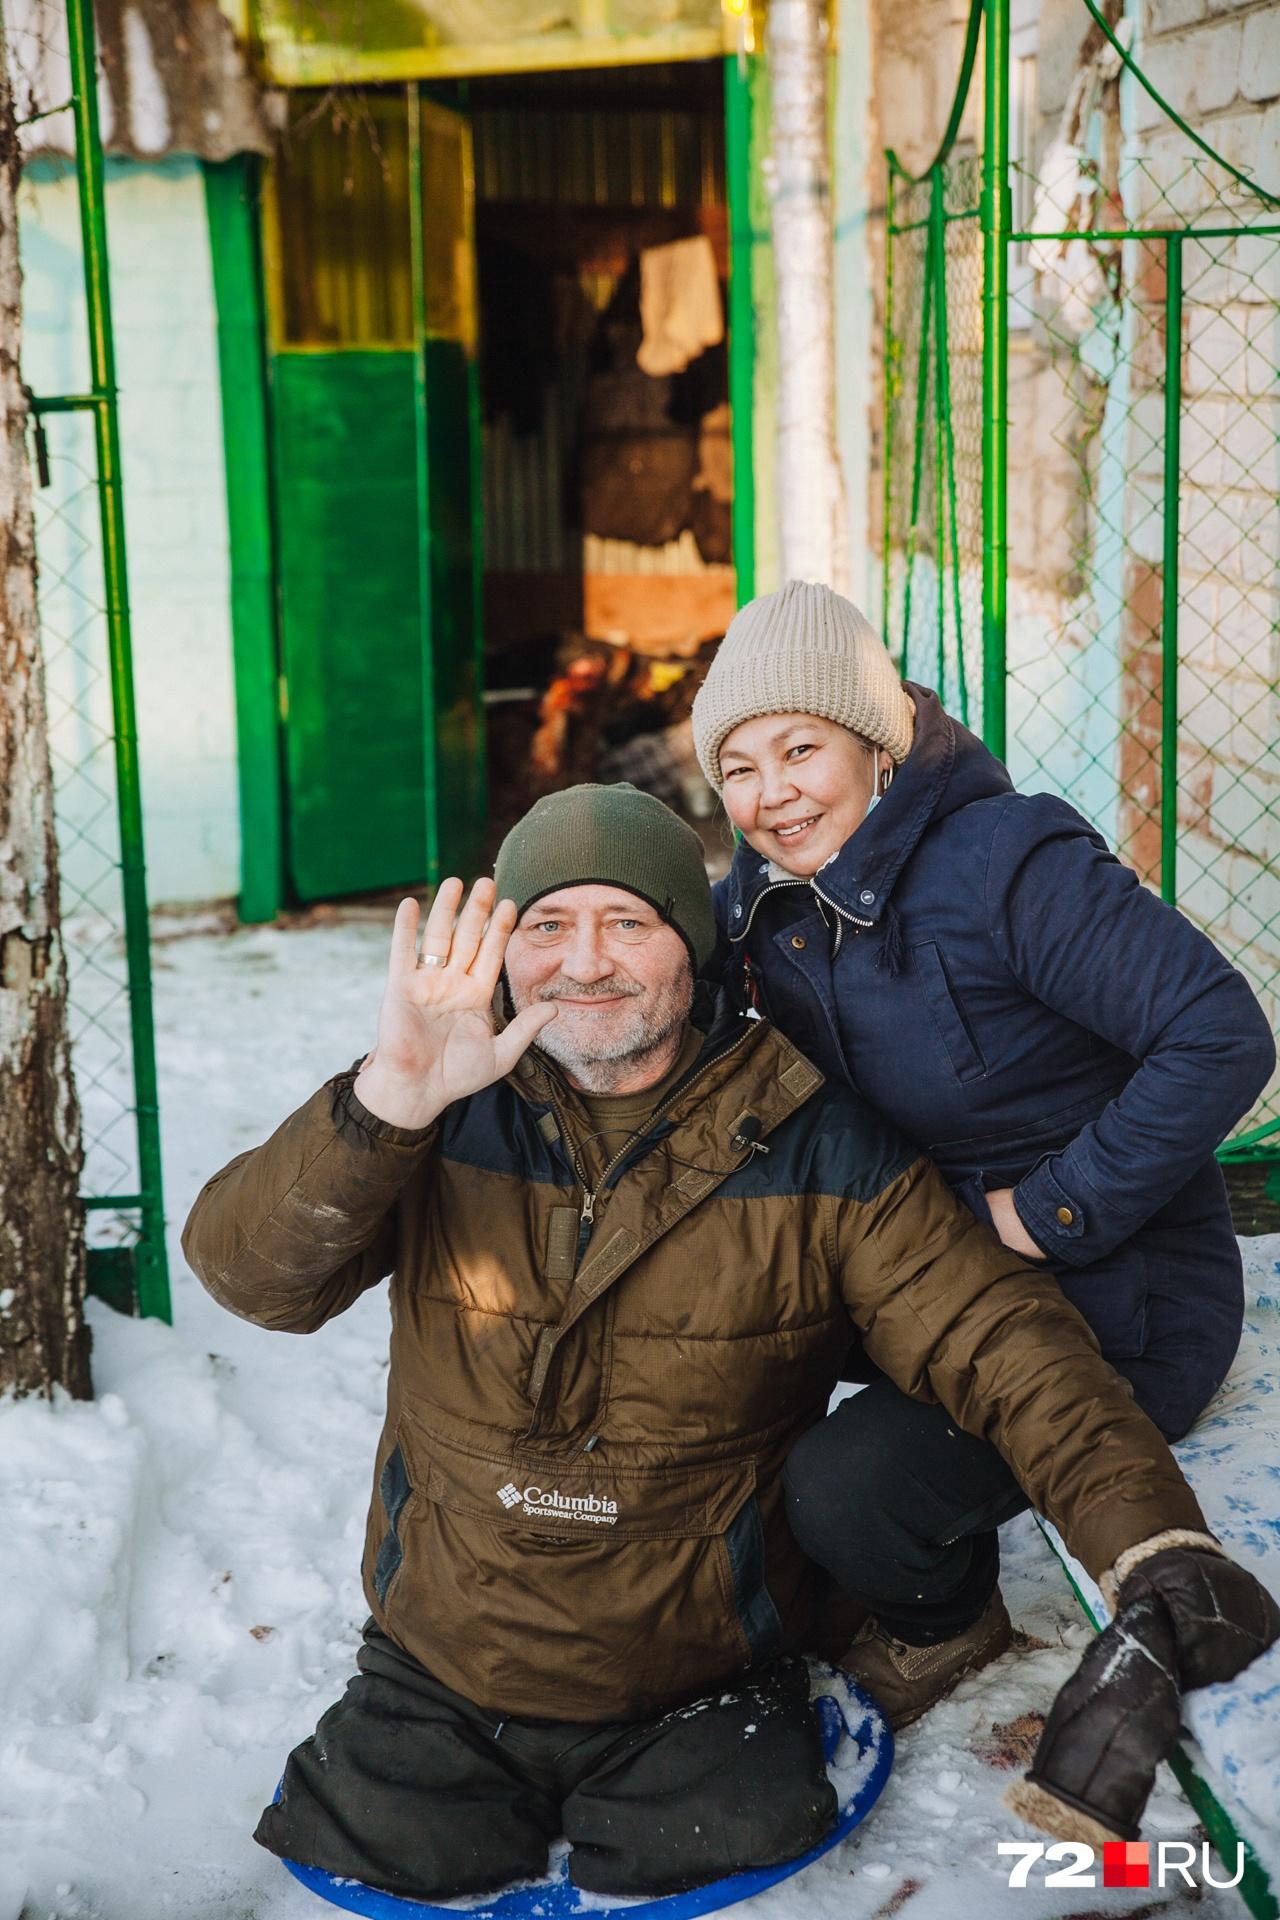 Получив дом, они стали напоминать молодоженов. Павел и Гульнара ходят по пустой территории за домом и мечтают здесь построить сарайчик, а рядом с ним — птичник для разведения куриц